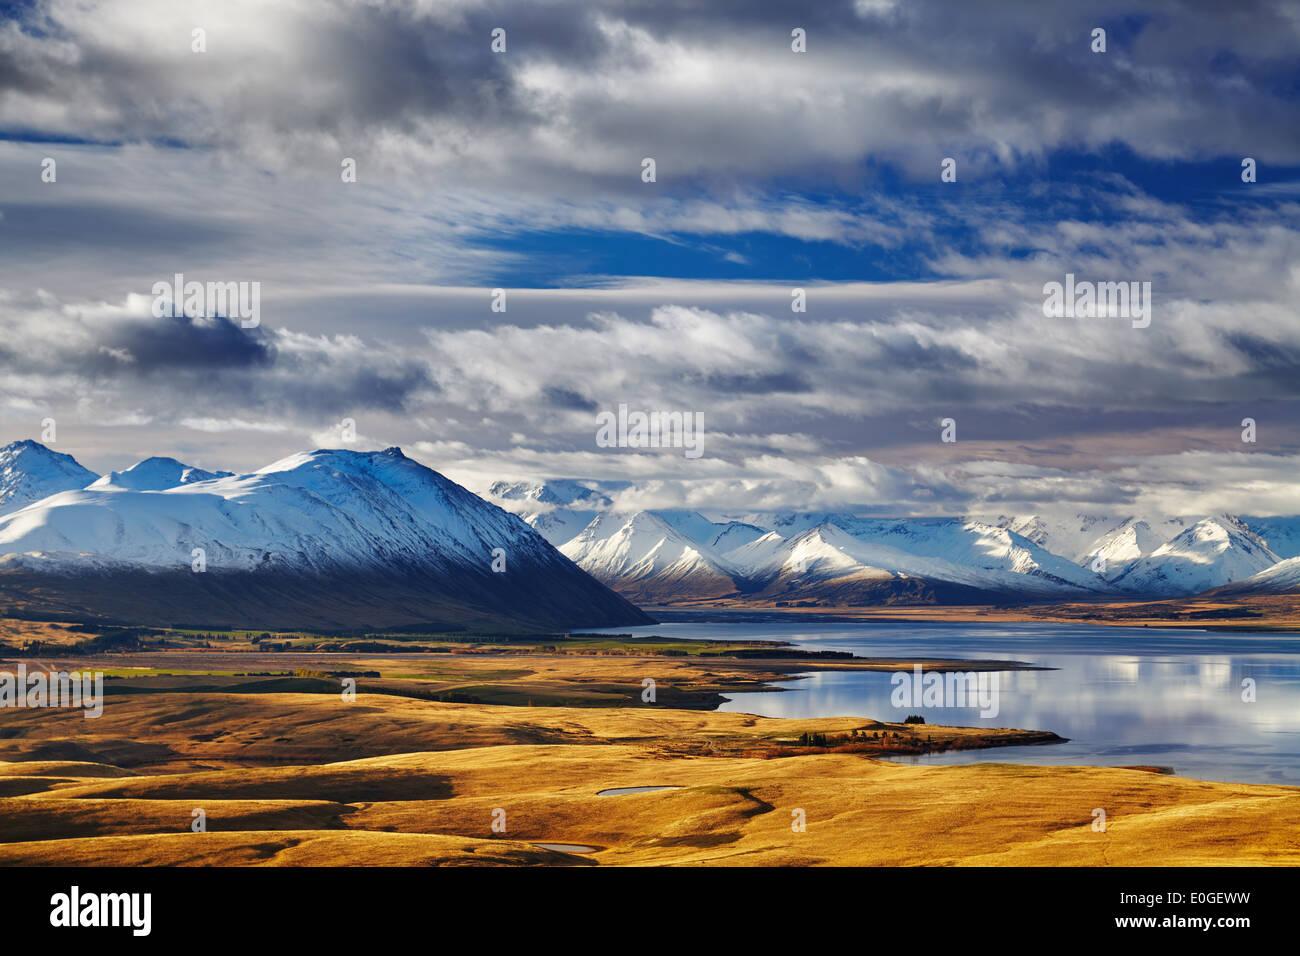 Sur de los Alpes y el Lago Tekapo, vista desde el Monte John, Mackenzie País, Nueva Zelandia Foto de stock